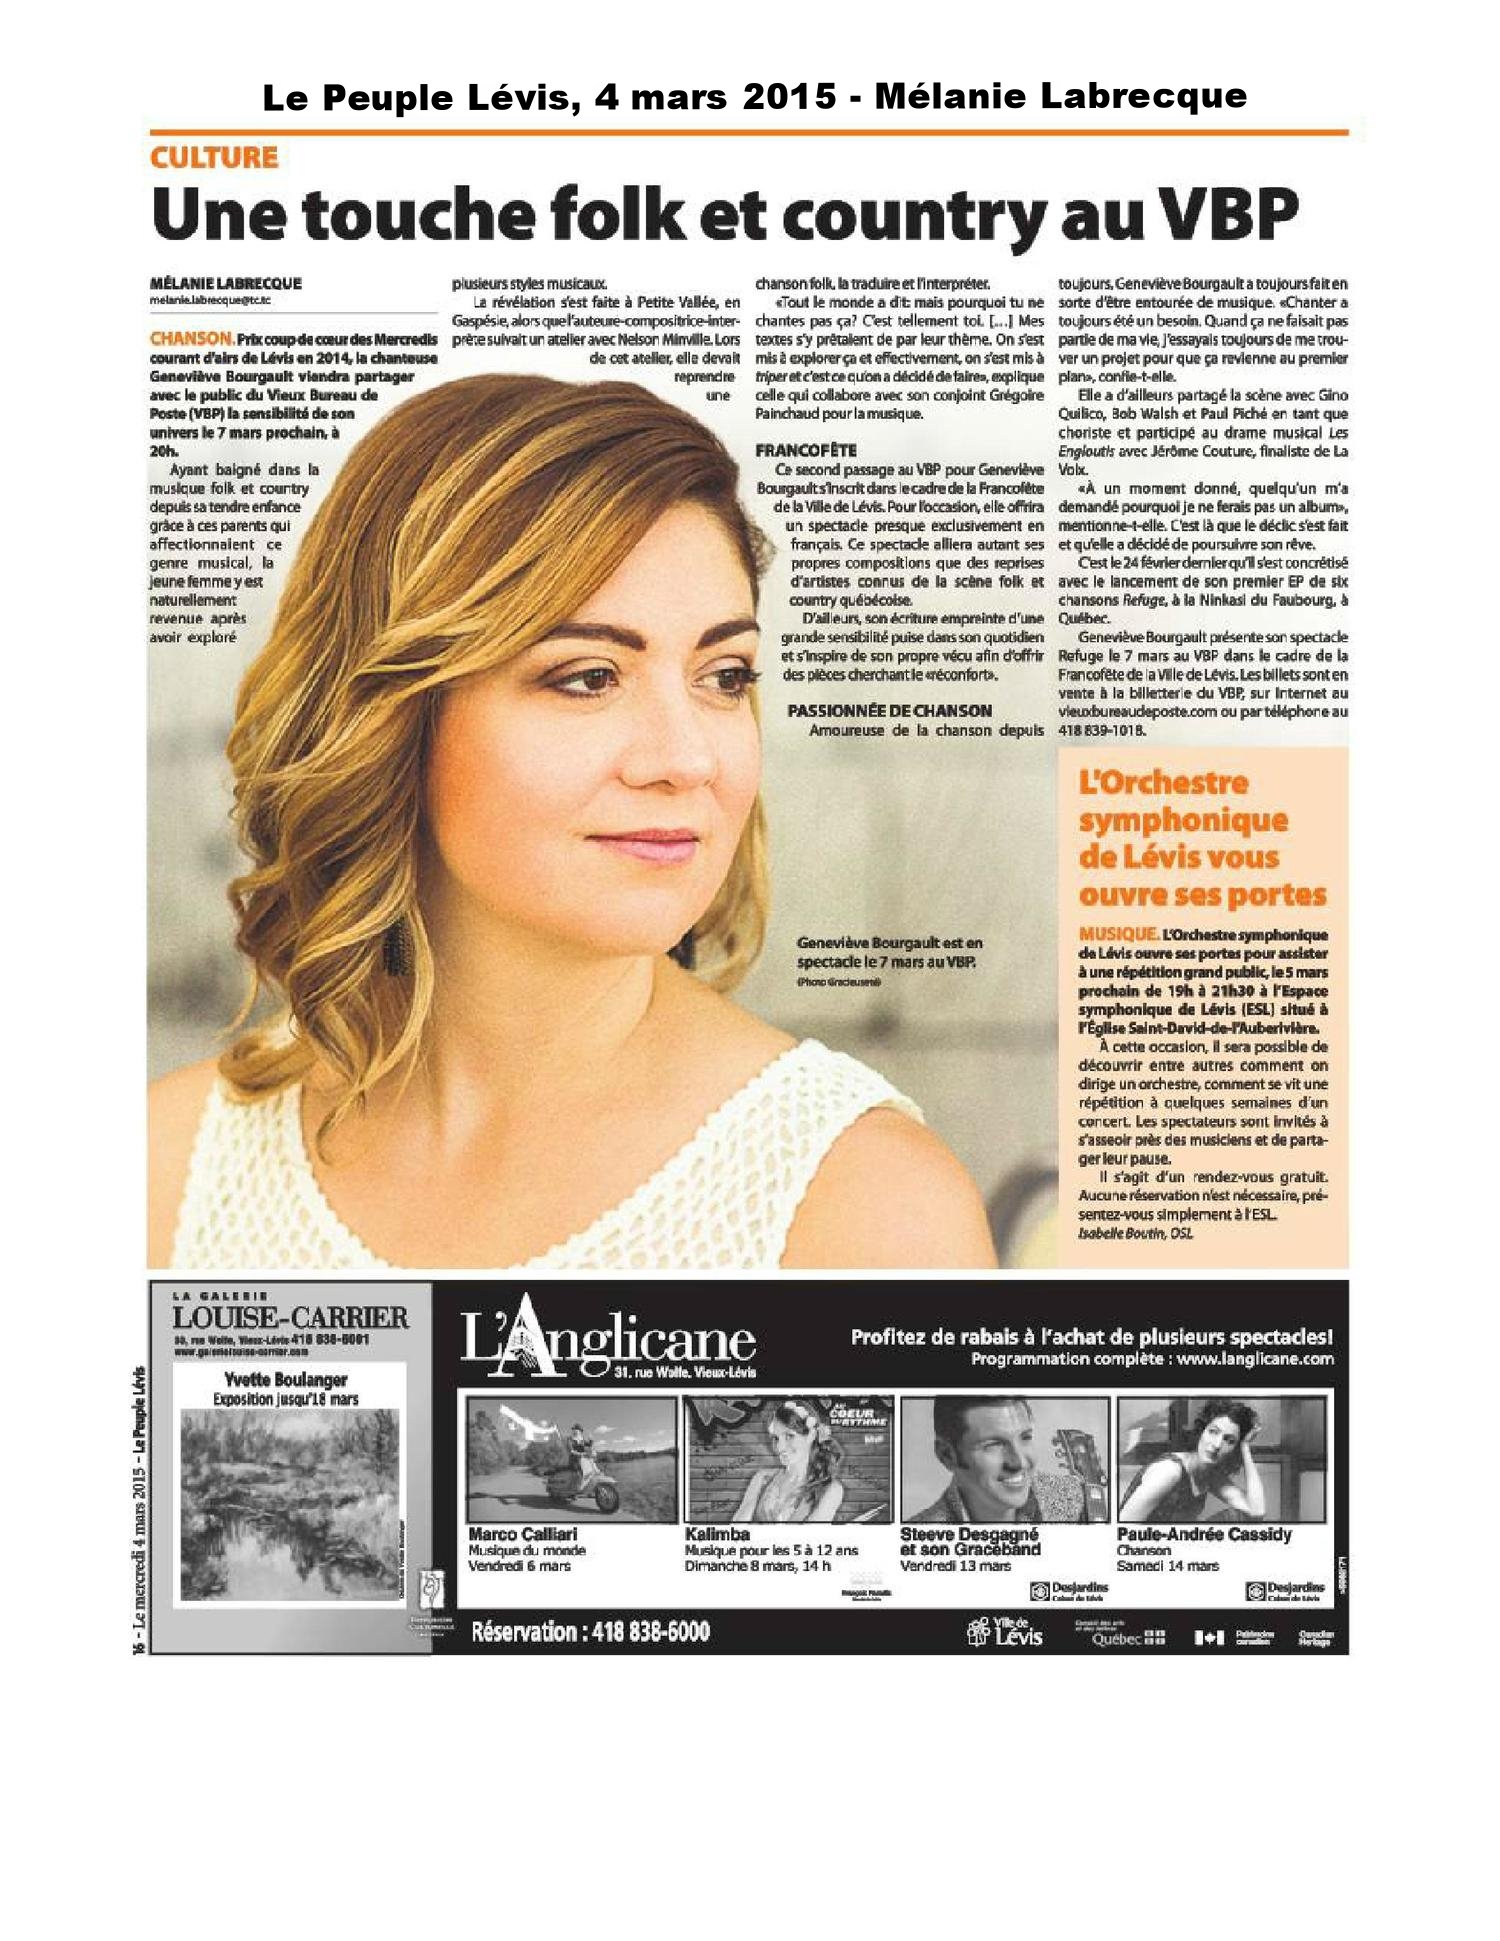 Le Peuple Lévis 4 mars 2015 (Mélanie Labrecque)-page-001 (1).jpg